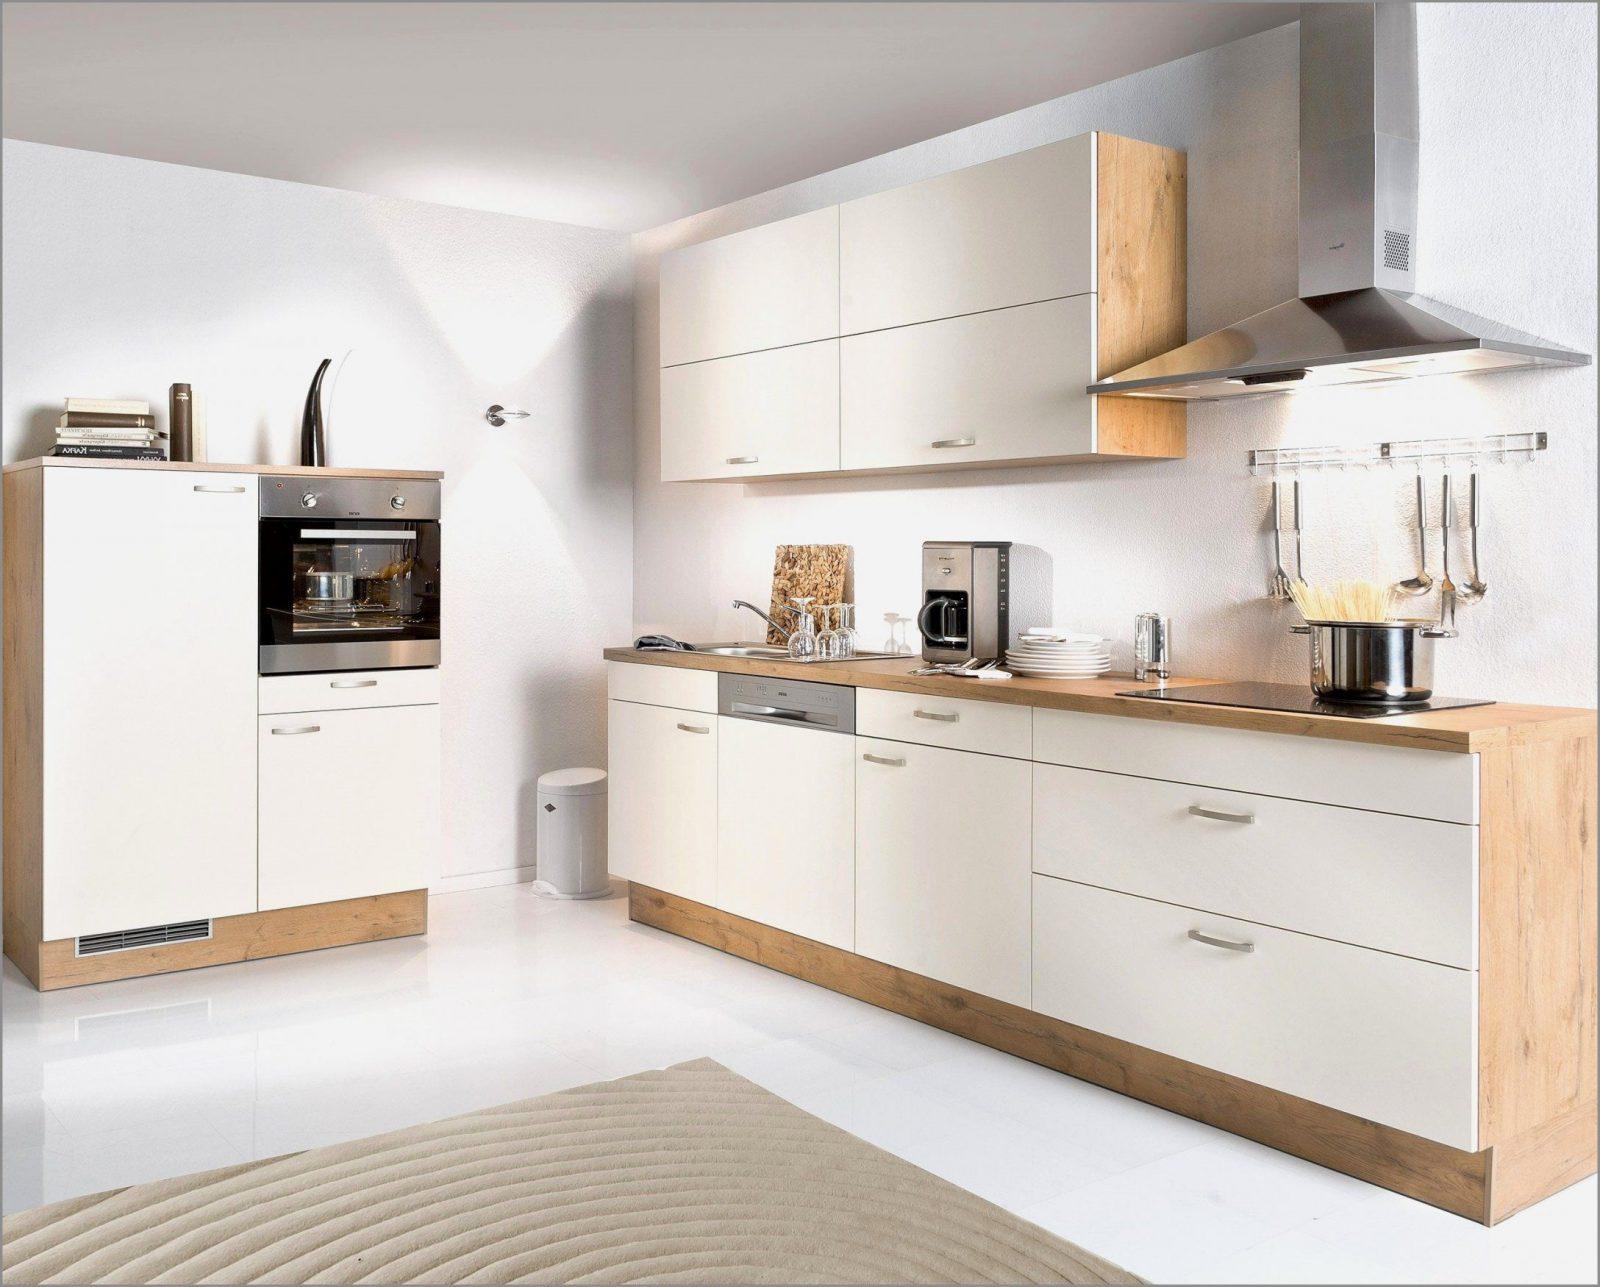 Küchen Wellmann Luxury Awesome Küche Günstig Kaufen Gebraucht S von Küche Günstig Kaufen Gebraucht Photo